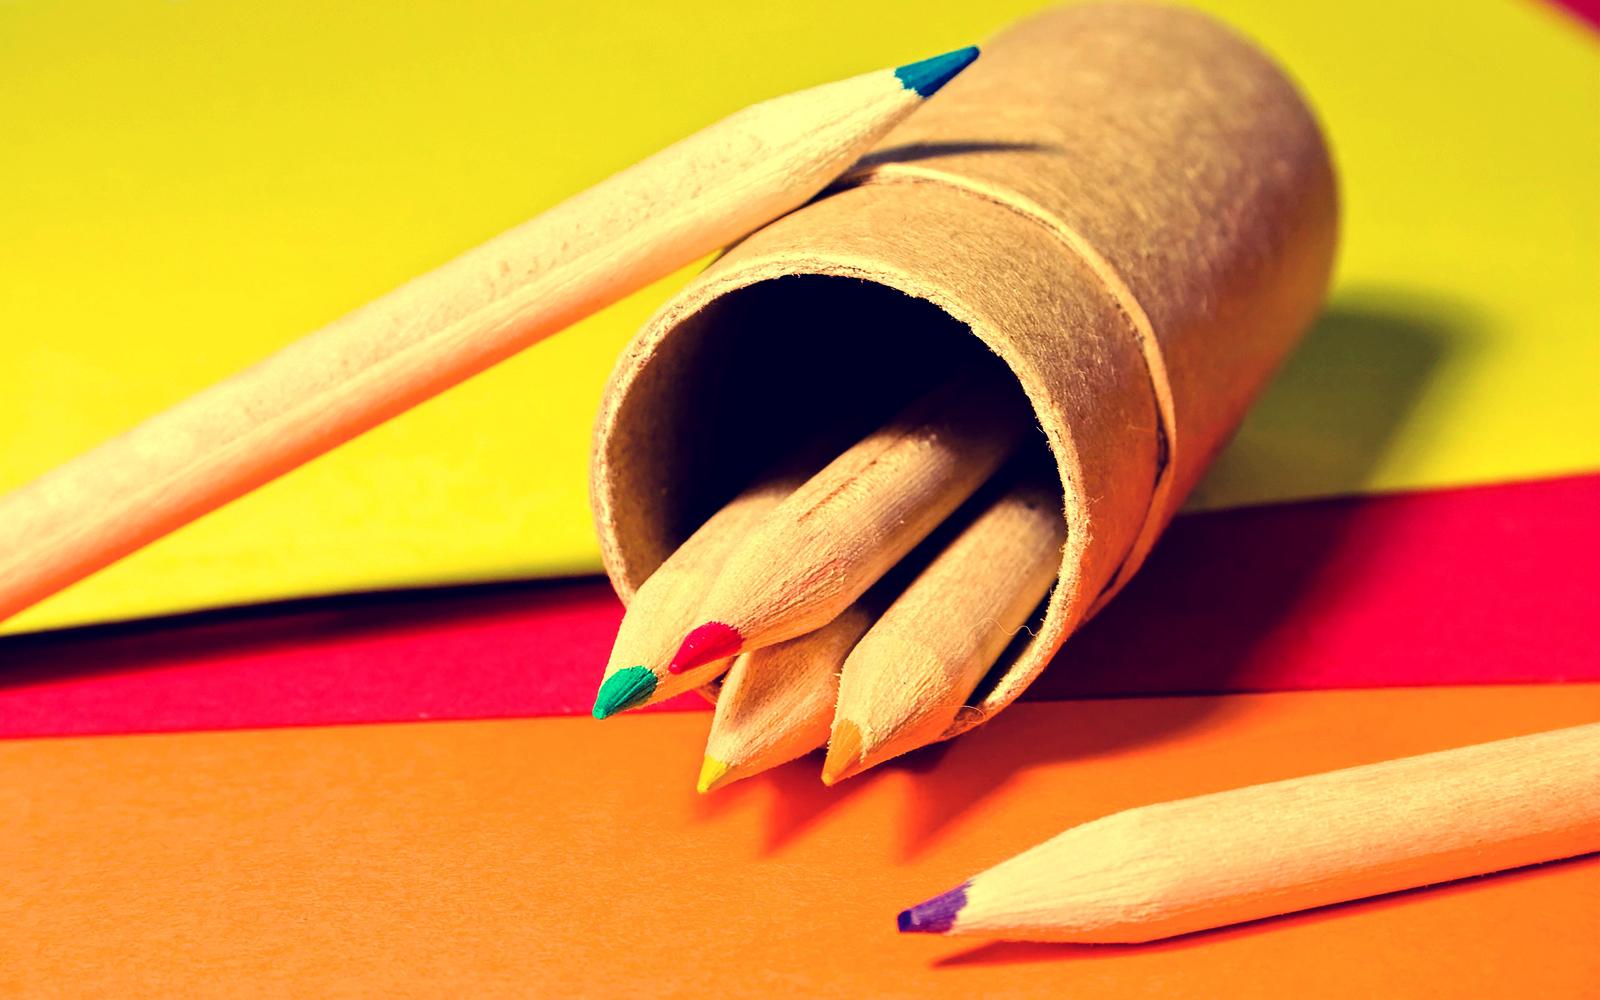 Coloured Pencils Wallpaper Color Pencils And Pencil Box